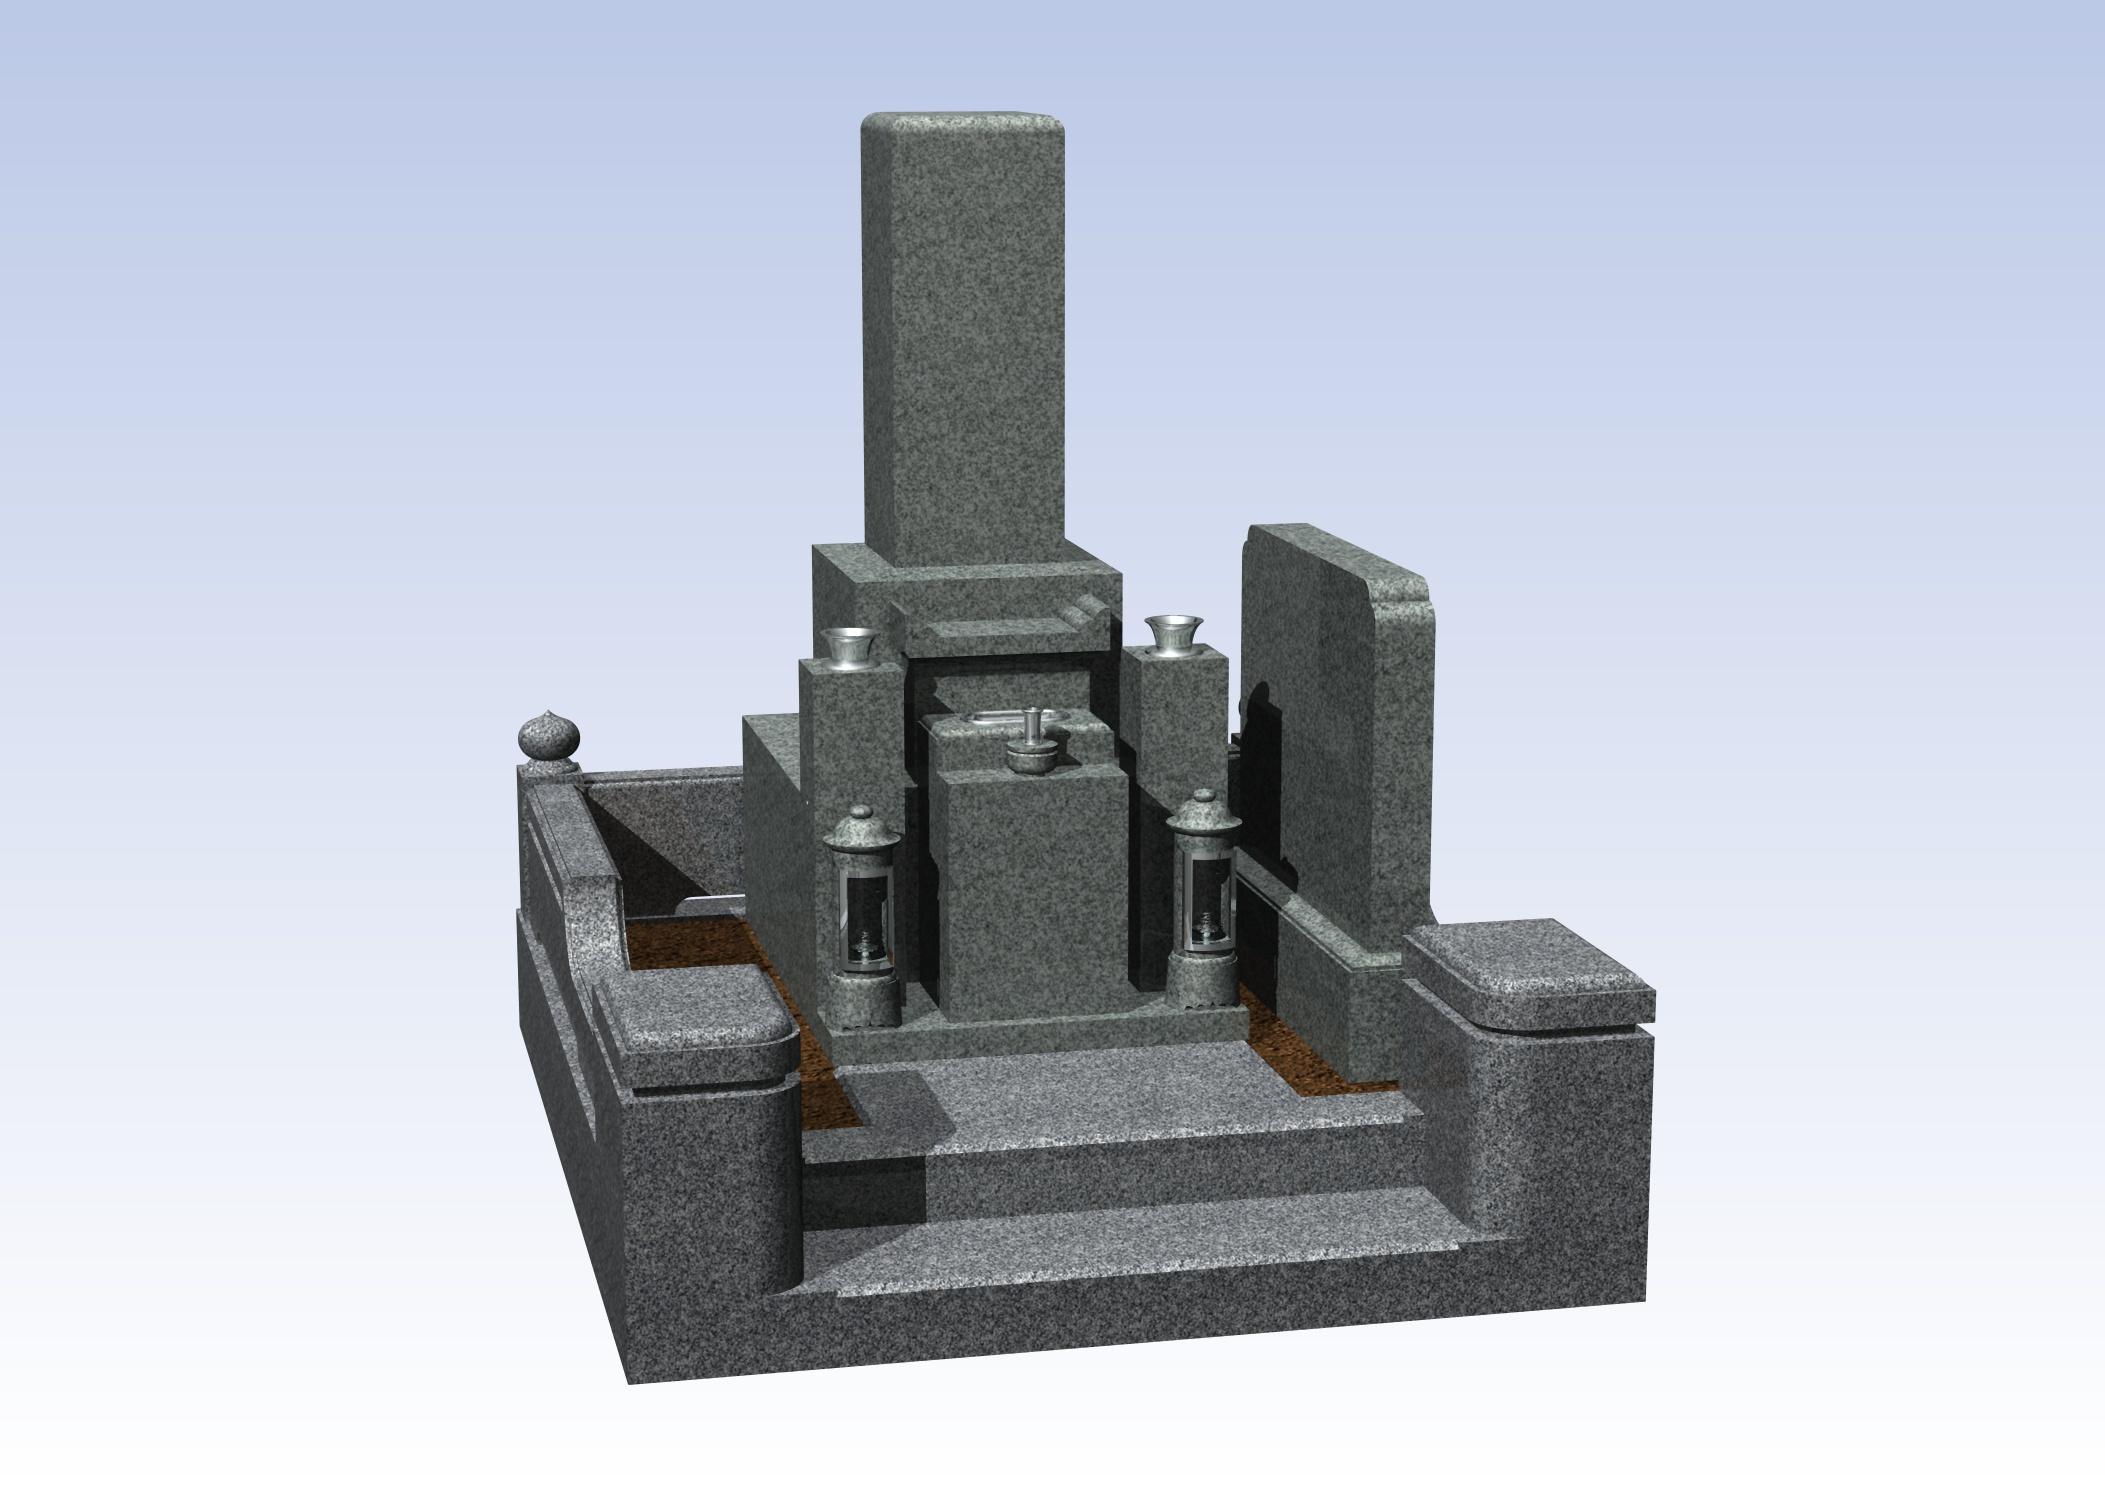 リフォーム5-1 大阪市住吉区 松宝寺墓地の詳細画像1